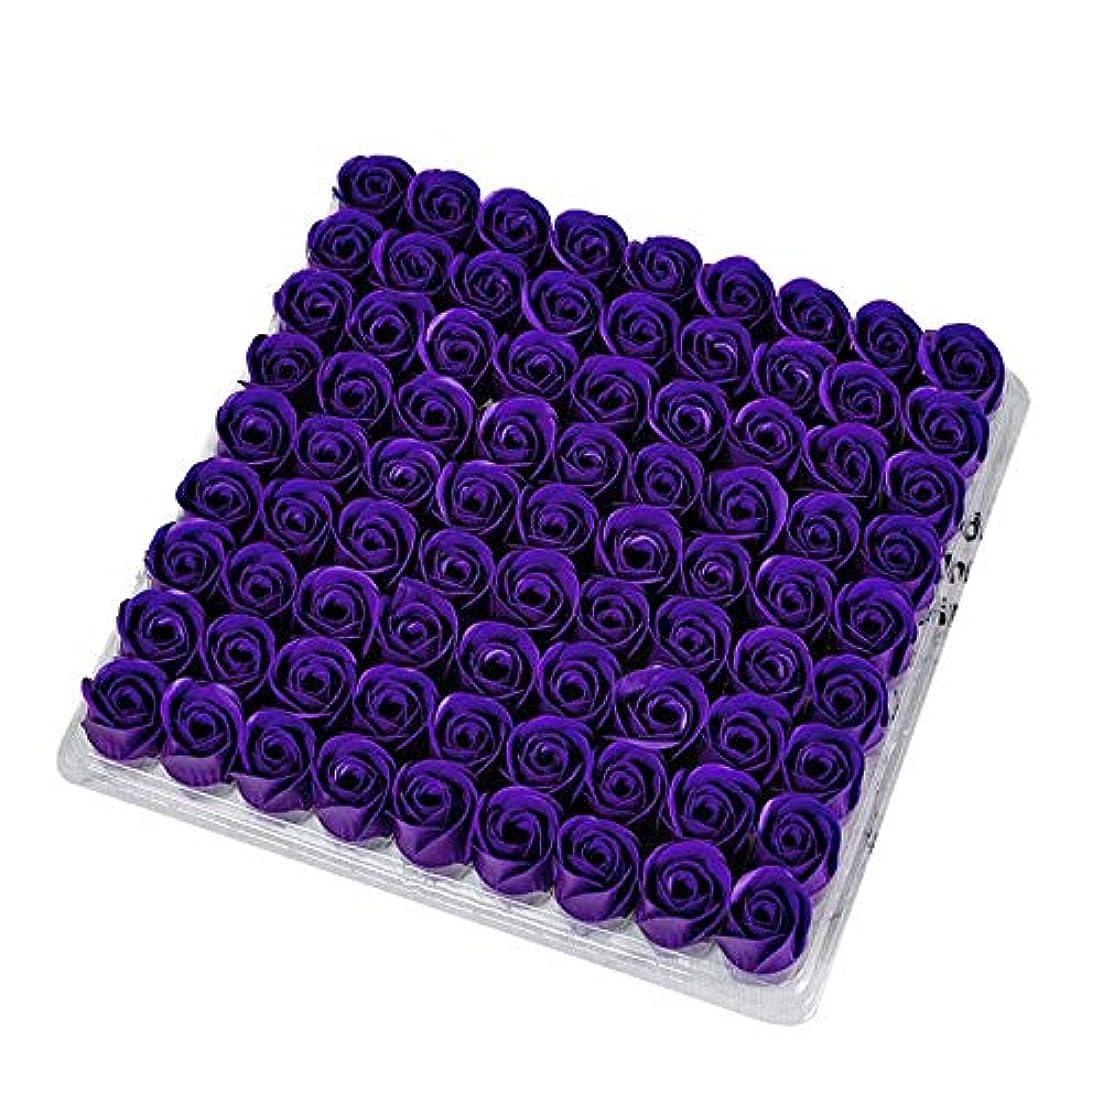 化学者狭い役に立たないSODIAL 81個の薔薇、バス ボディ フラワー?フローラルの石けん 香りのよいローズフラワー エッセンシャルオイル フローラルのお客様への石鹸 ウェディング、パーティー、バレンタインデーの贈り物、紫色